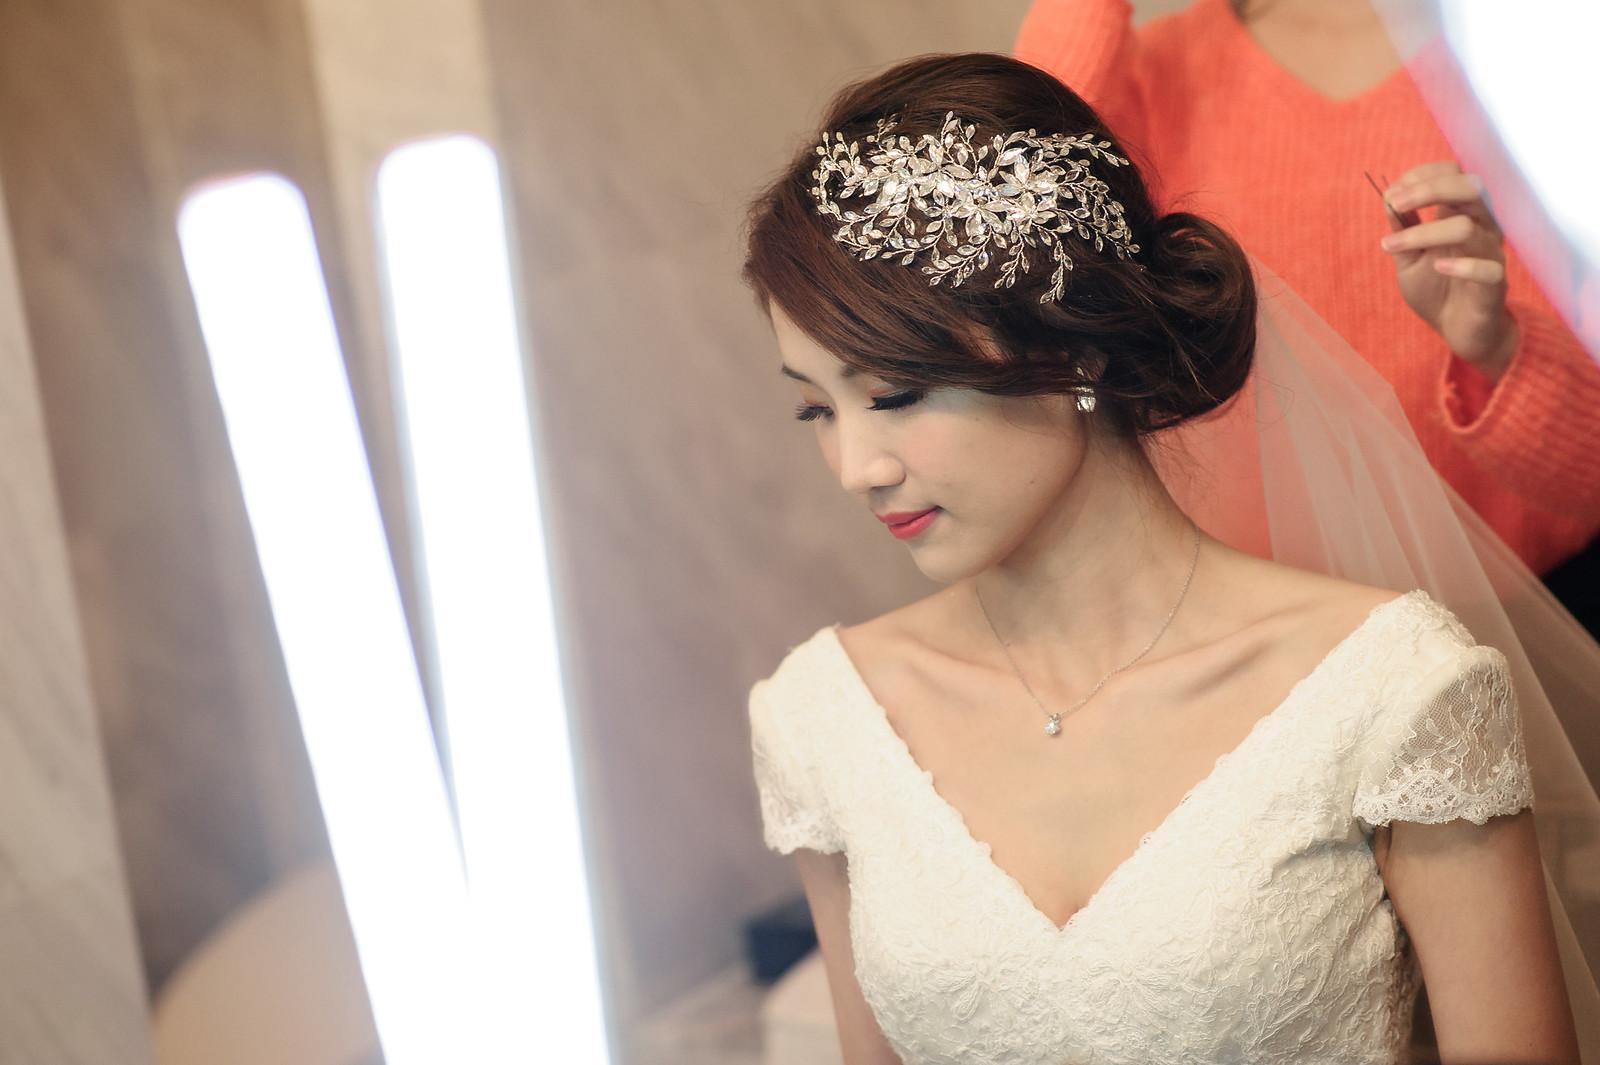 台北婚攝, 婚禮攝影, 婚攝, 婚攝守恆, 婚攝推薦, 晶華酒店, 晶華酒店婚宴, 晶華酒店婚攝-20